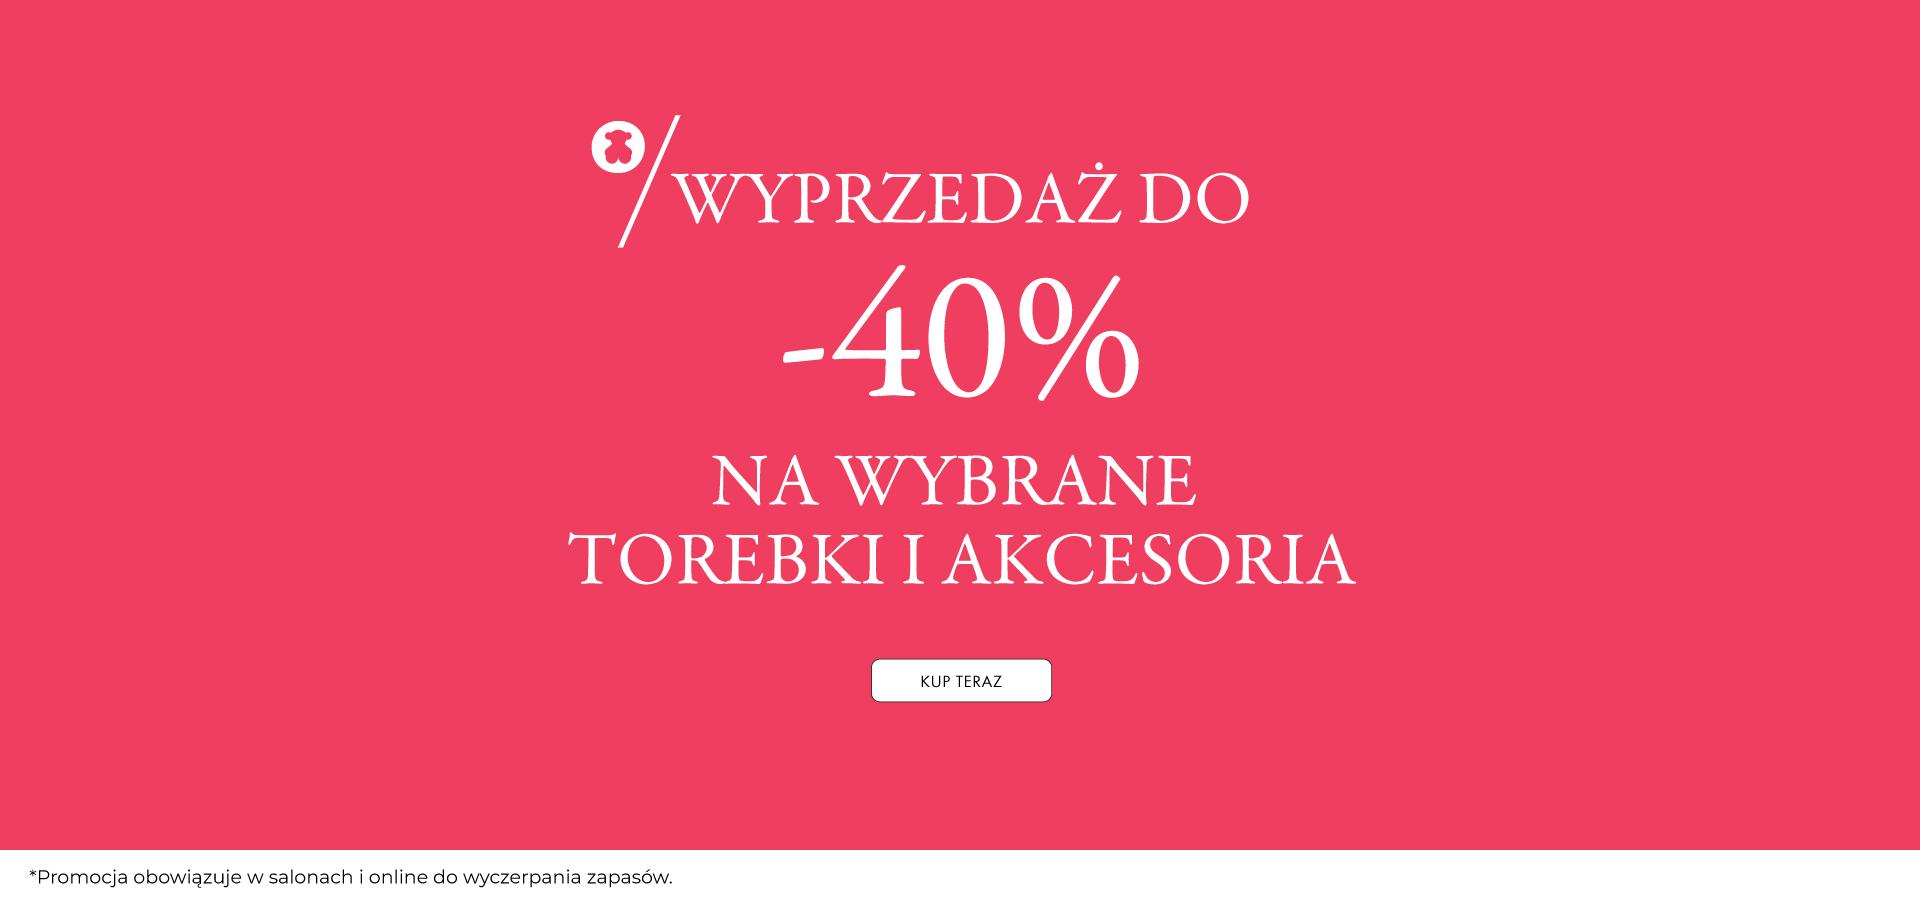 Tous: wyprzedaż do 40% zniżki na wybrane torebki i akcesoria